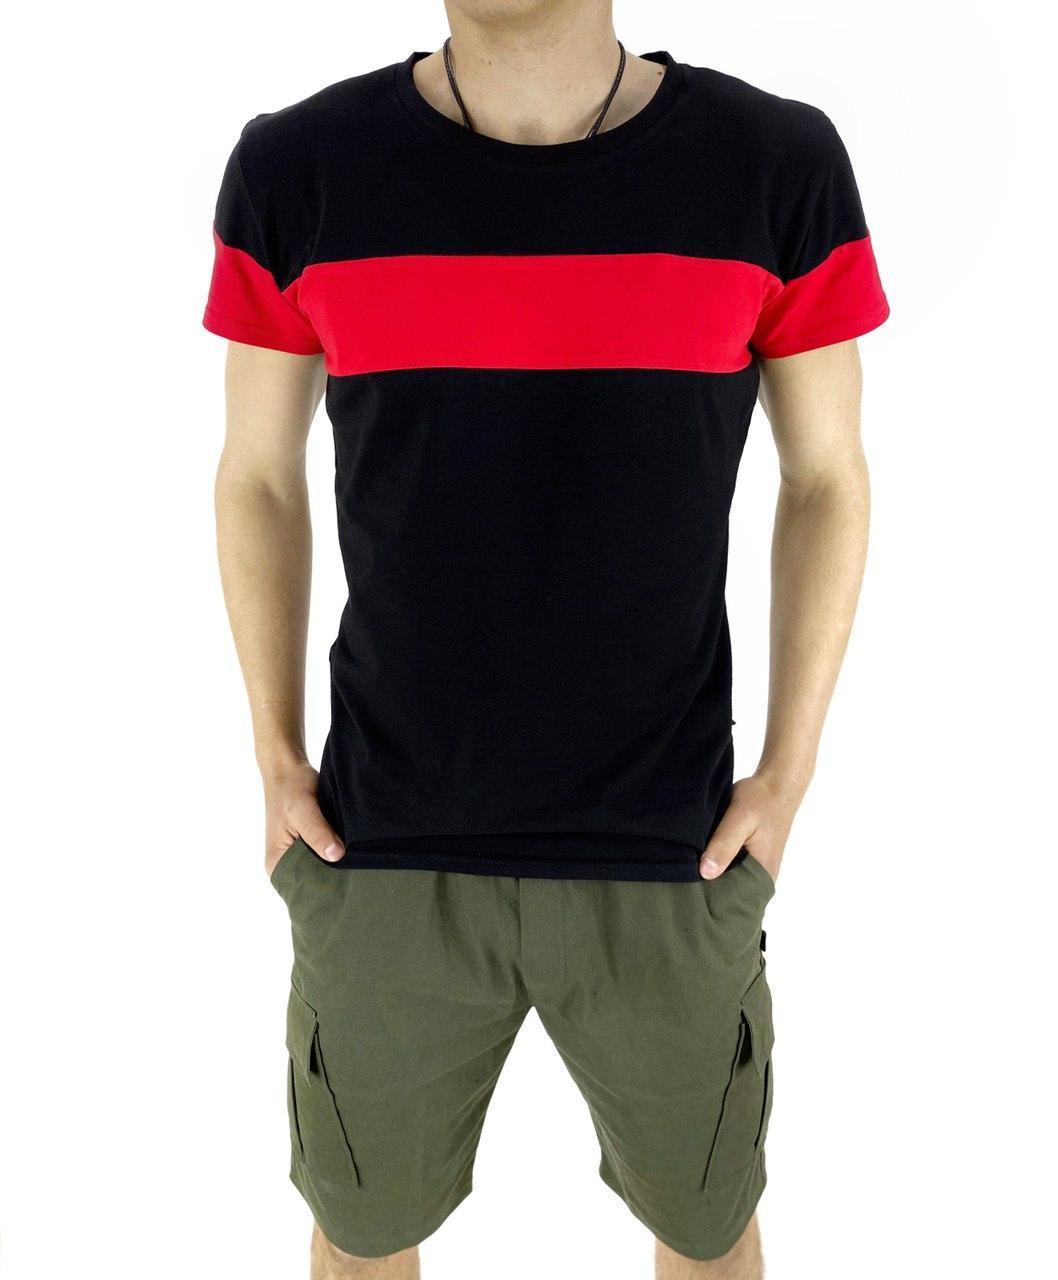 Комплект Футболка Intruder Color Stripe шорты Miami XL Хаки с черным с красной полосой (Kom 15893797/ 4)